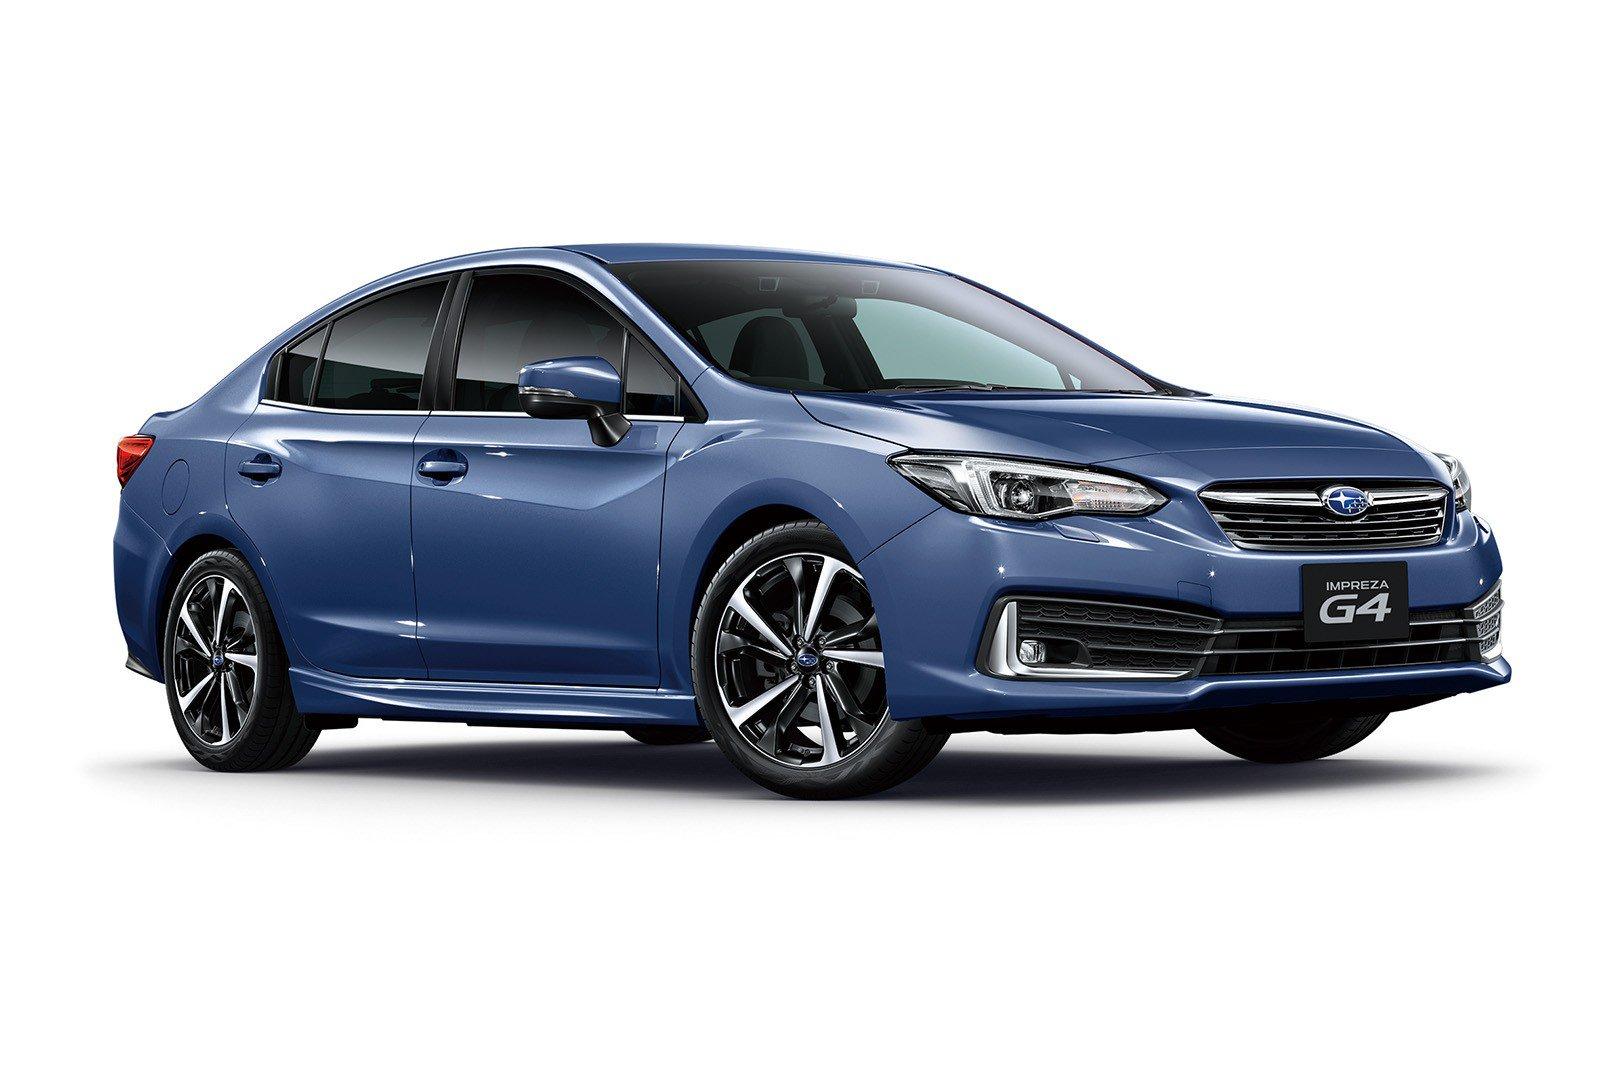 Subaru-Impreza-facelift-15